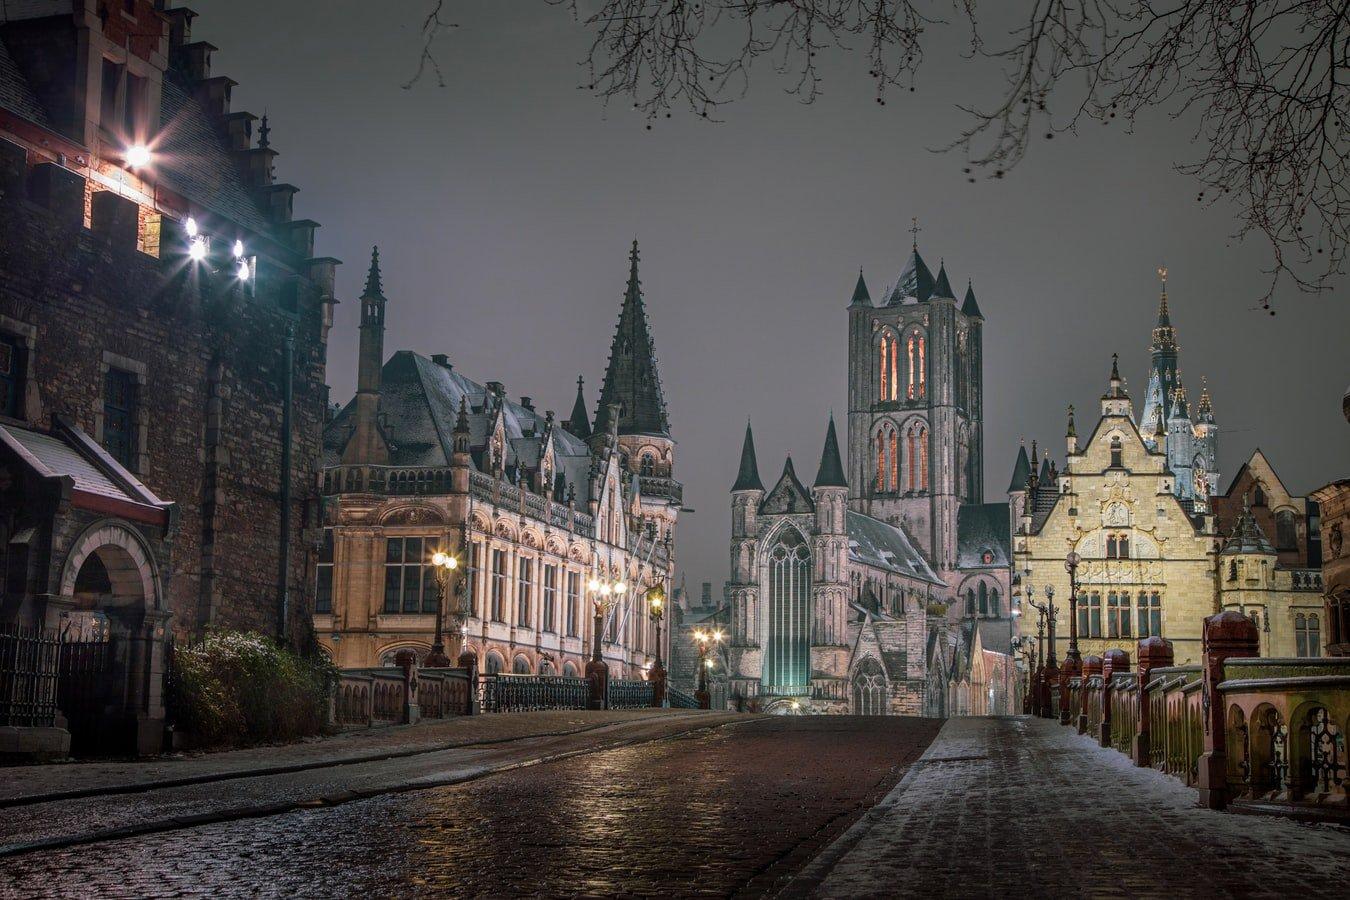 Blick auf Sint-Niklaaskerk in Gent Belgien bei Nacht